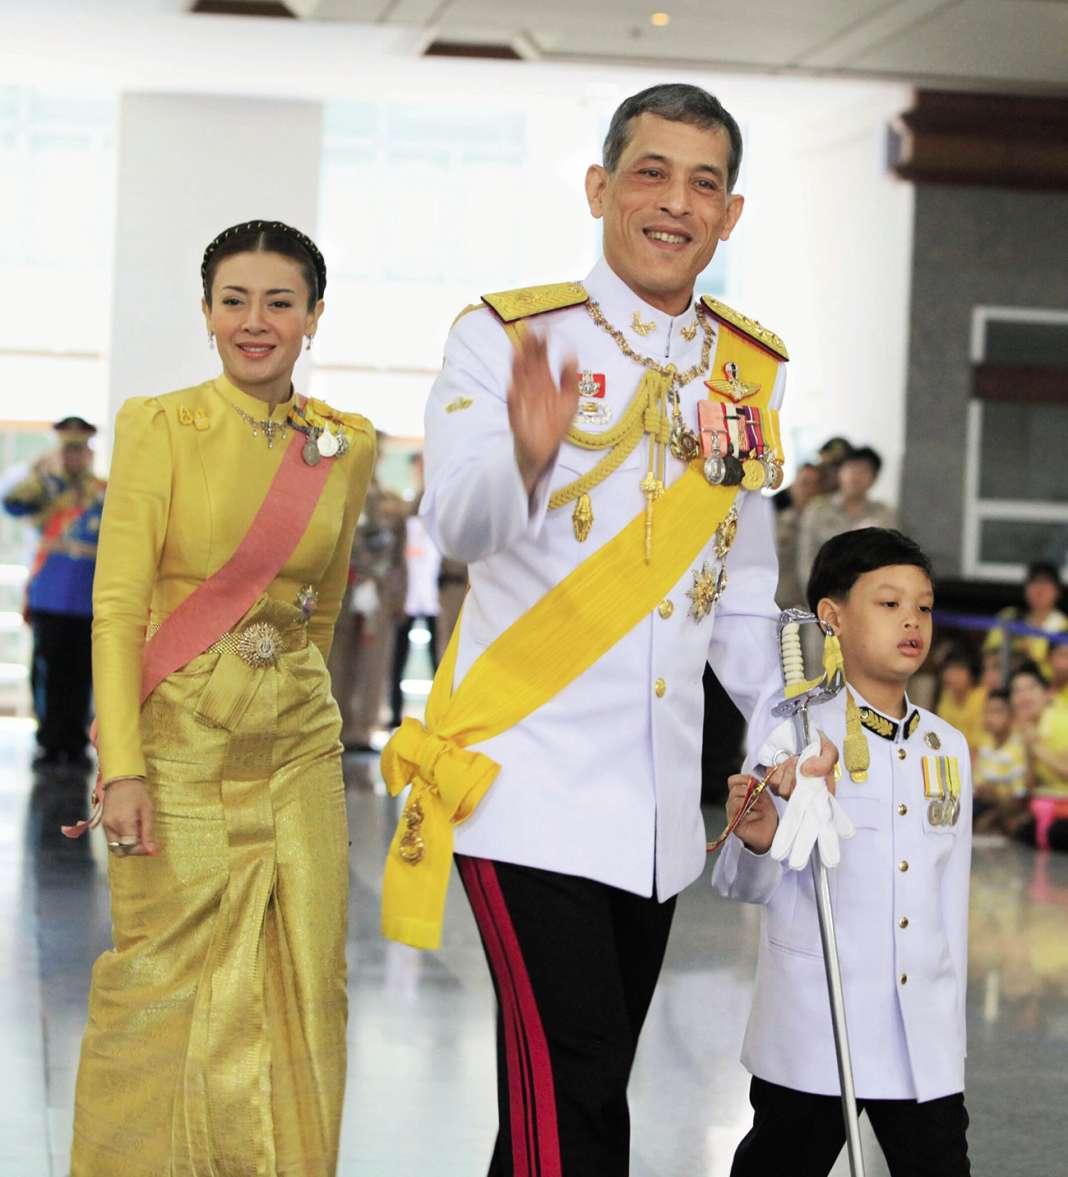 Le prince Maha Vajiralongkorn en 2012 avec sa troisième épouse Srirasmi, répudiée depuis et tenue à distance de leur fils Dipangkorn.